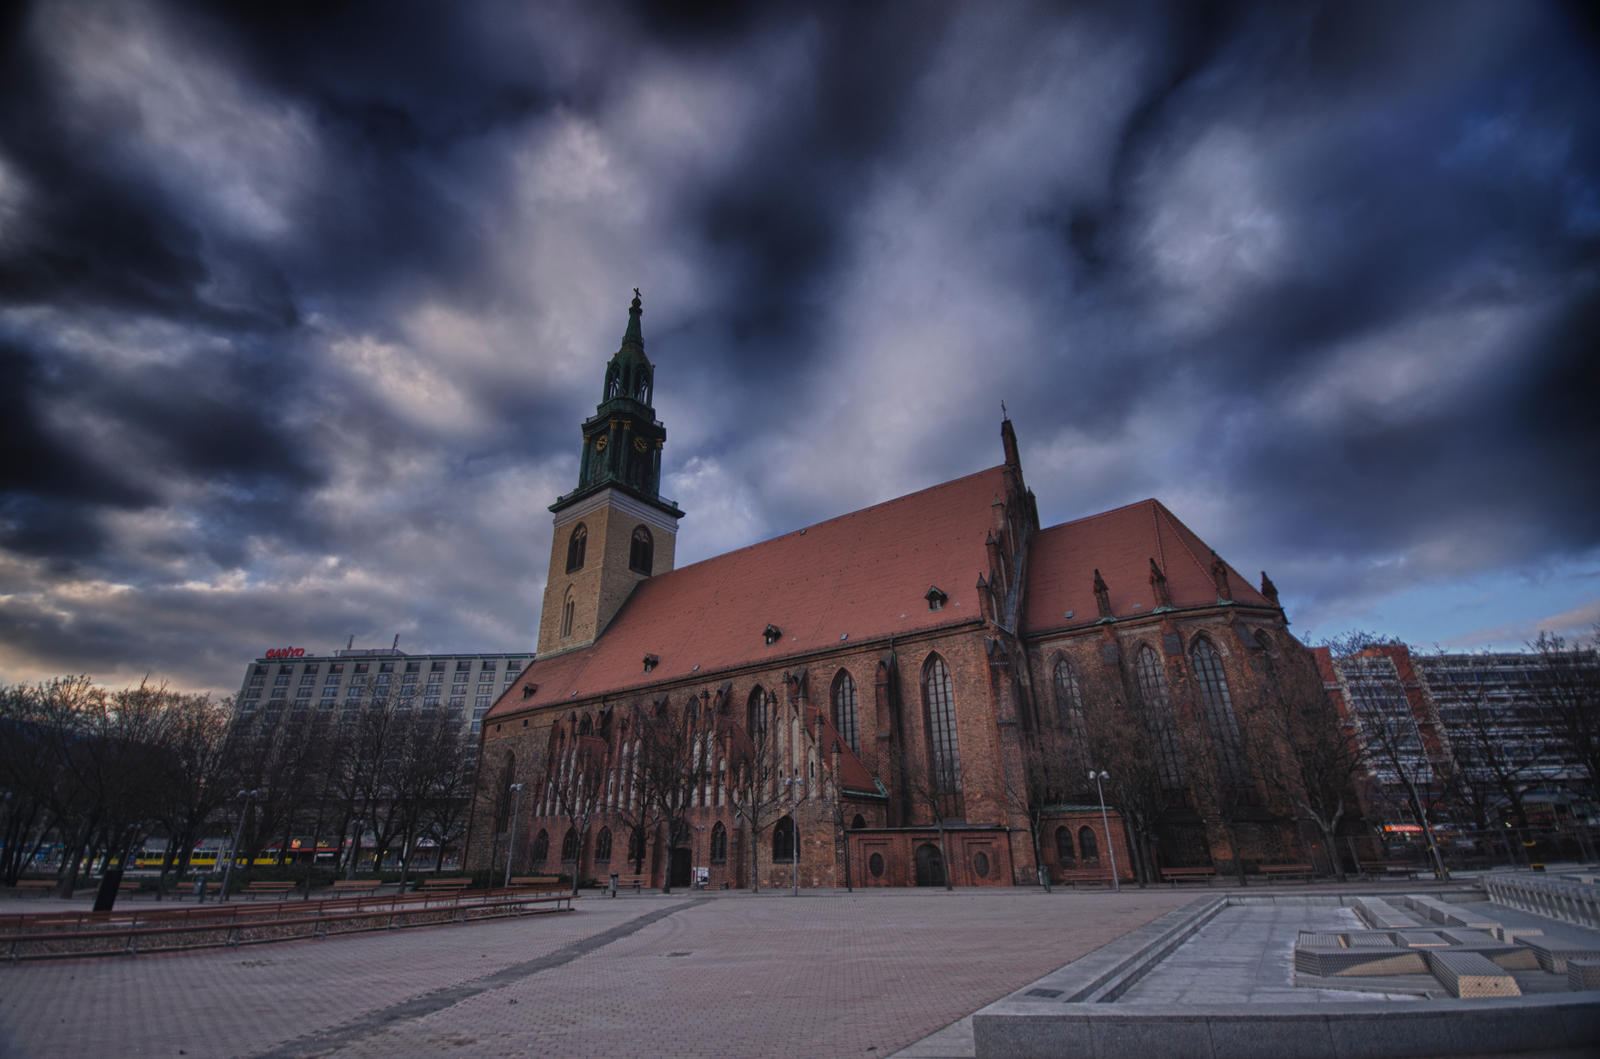 Berlin008 by bulgphoto